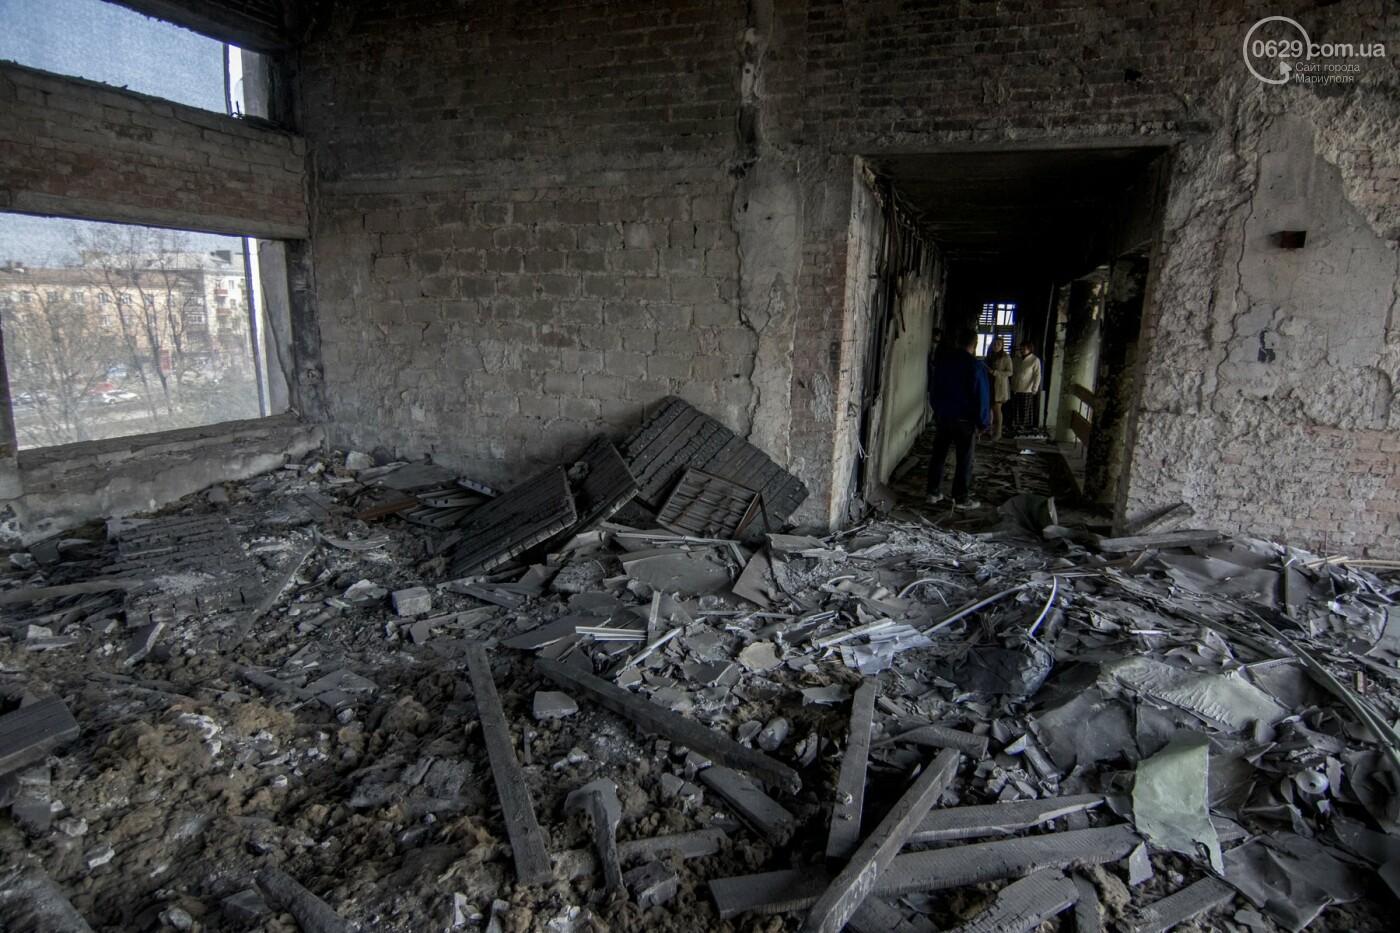 В Мариуполе не могут найти подрядчика для реконструкции сгоревшего горсовета, - ФОТО, фото-8